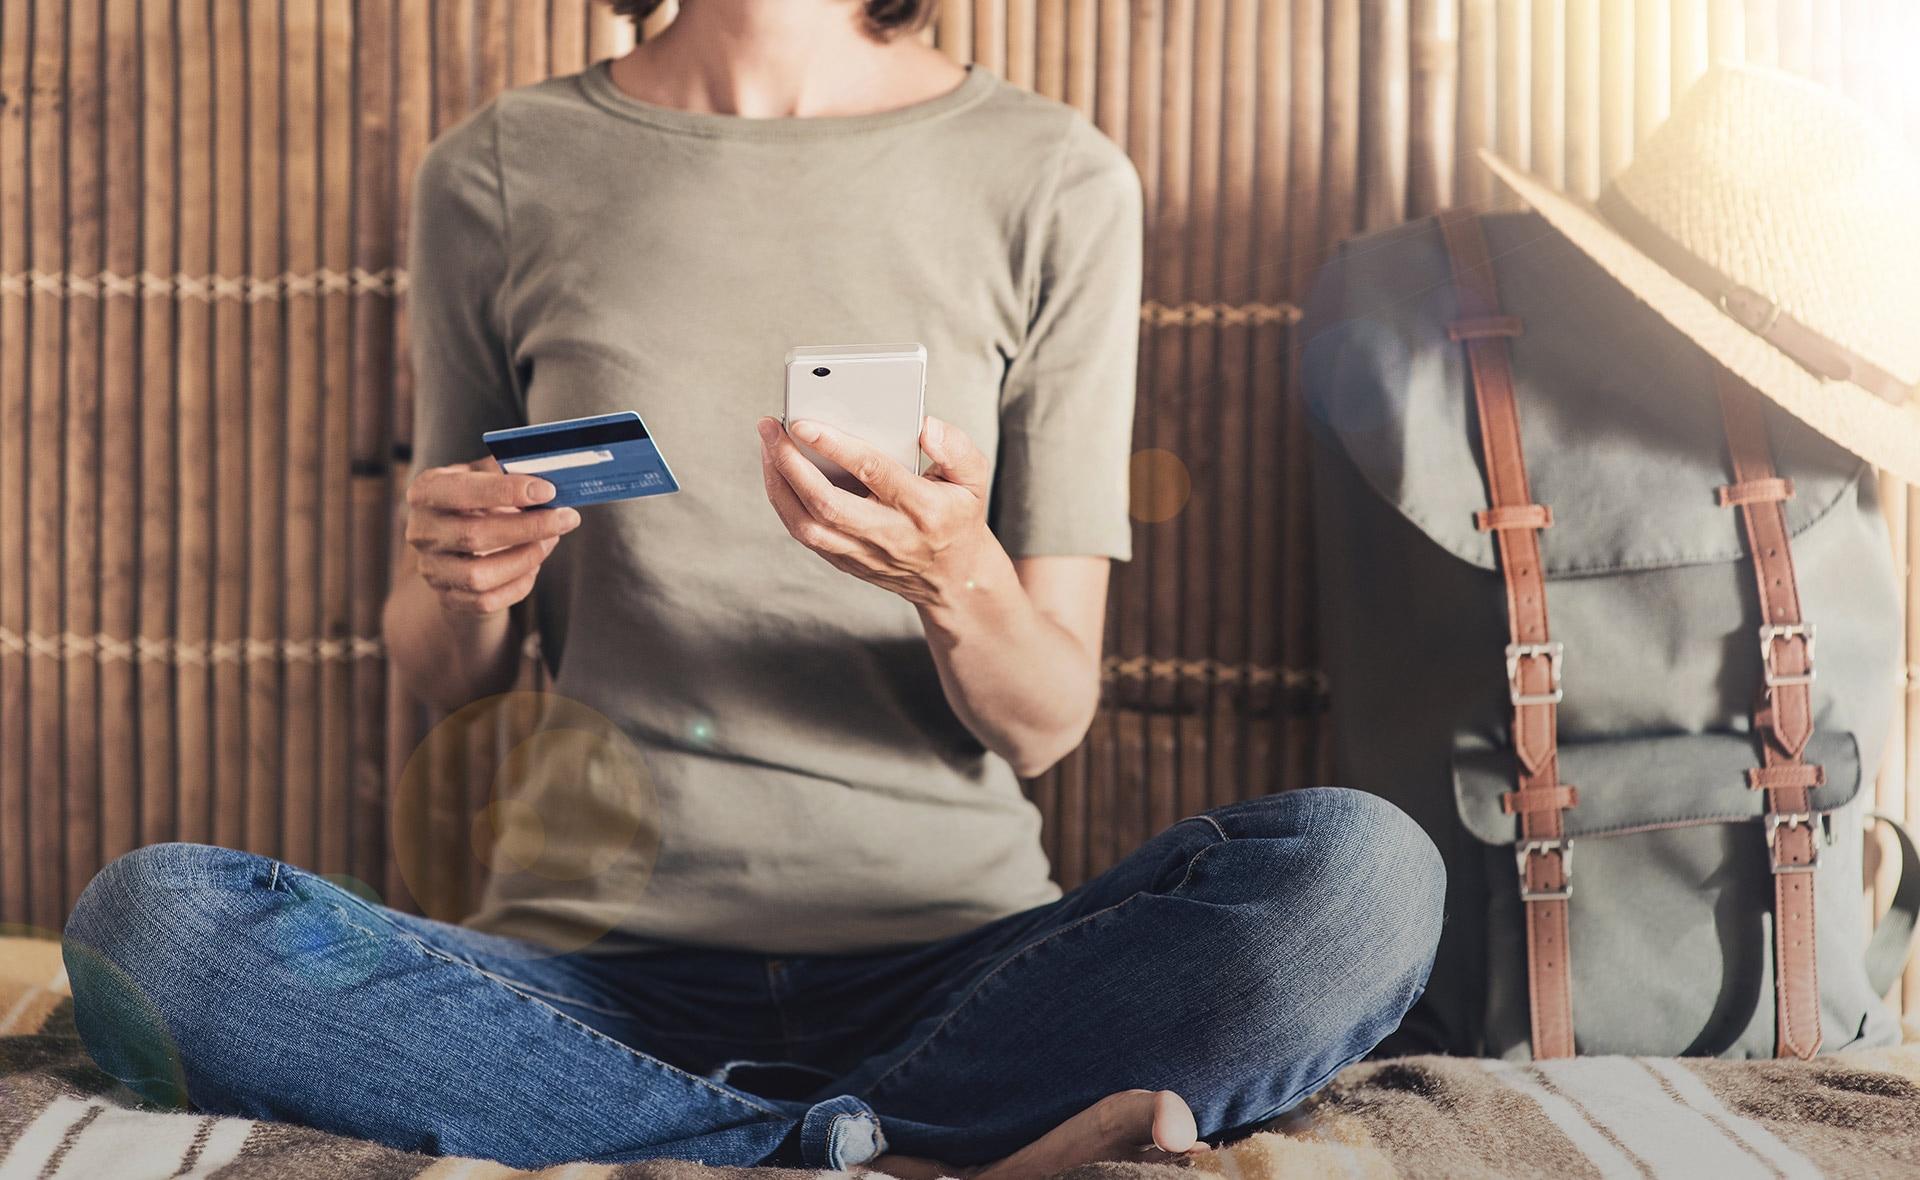 tarjetas-Research-informe-gasto-emisiones-clientes-utilidad-dinero-